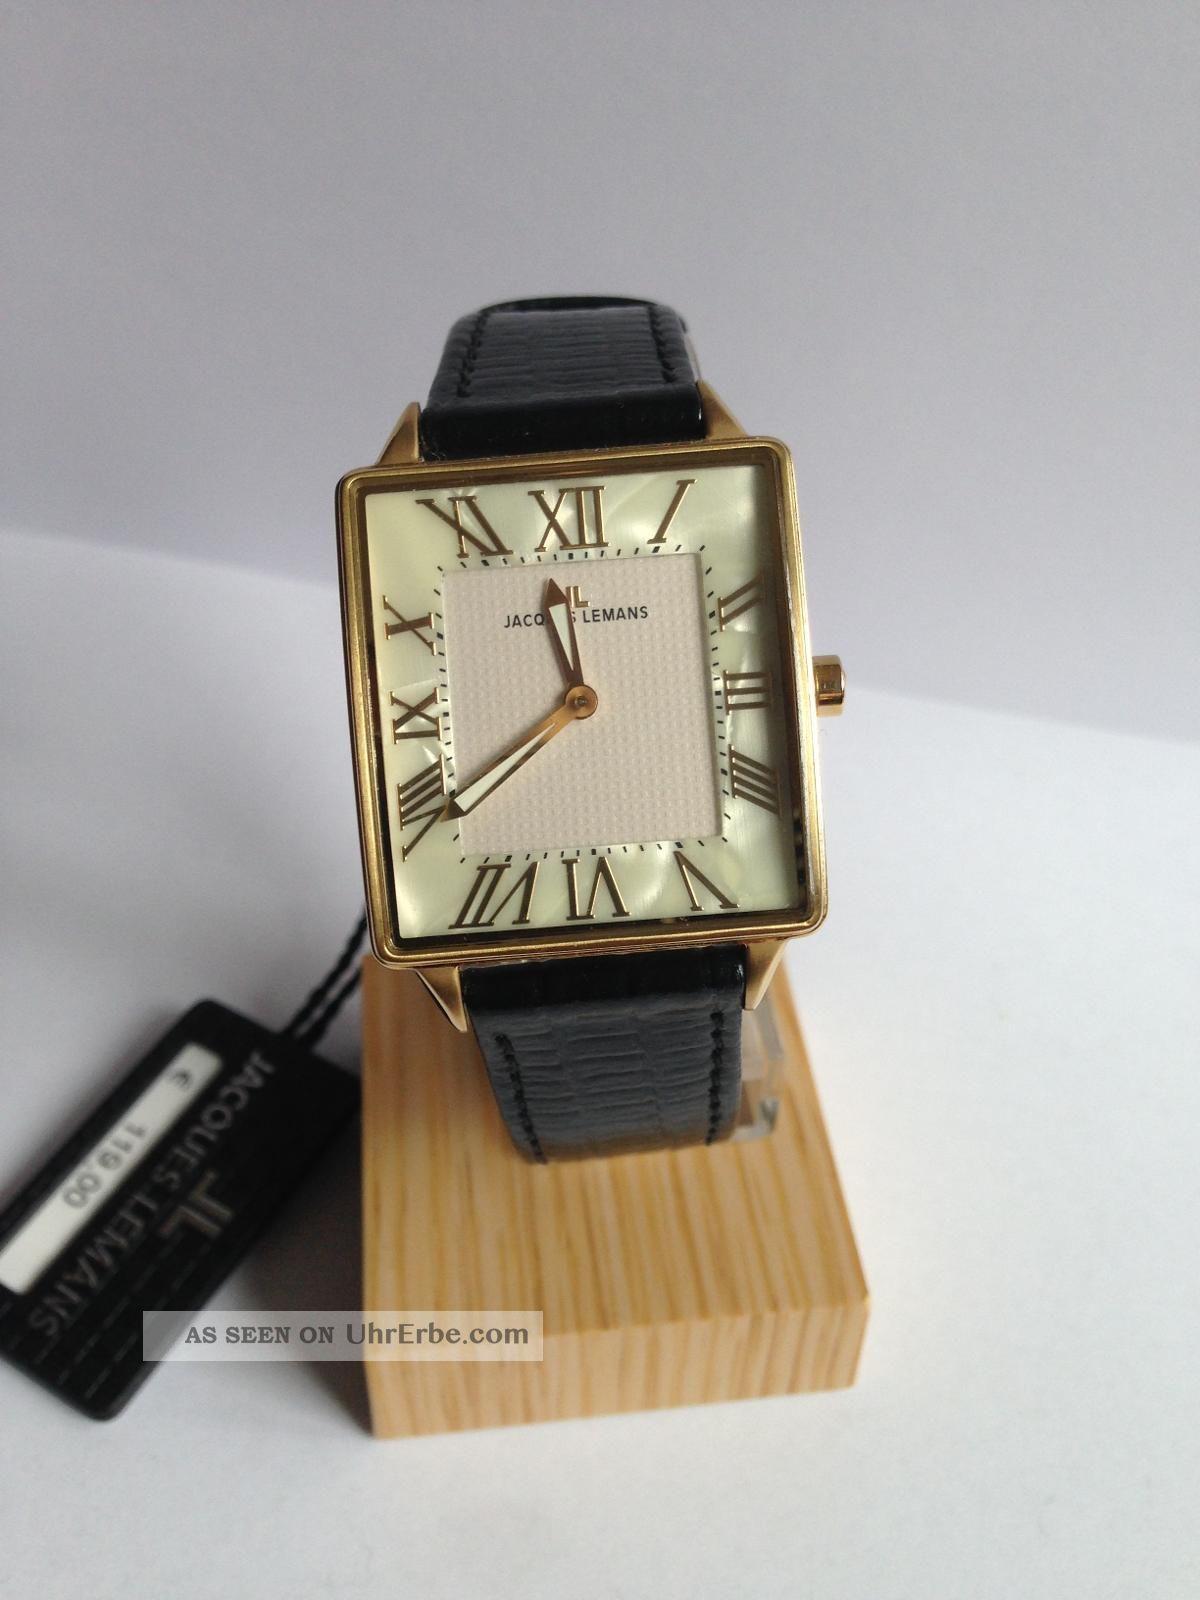 Jacques Lemans Herren Uhr GehÄuse Goldplattiert Und Ungetragen Armbanduhren Bild